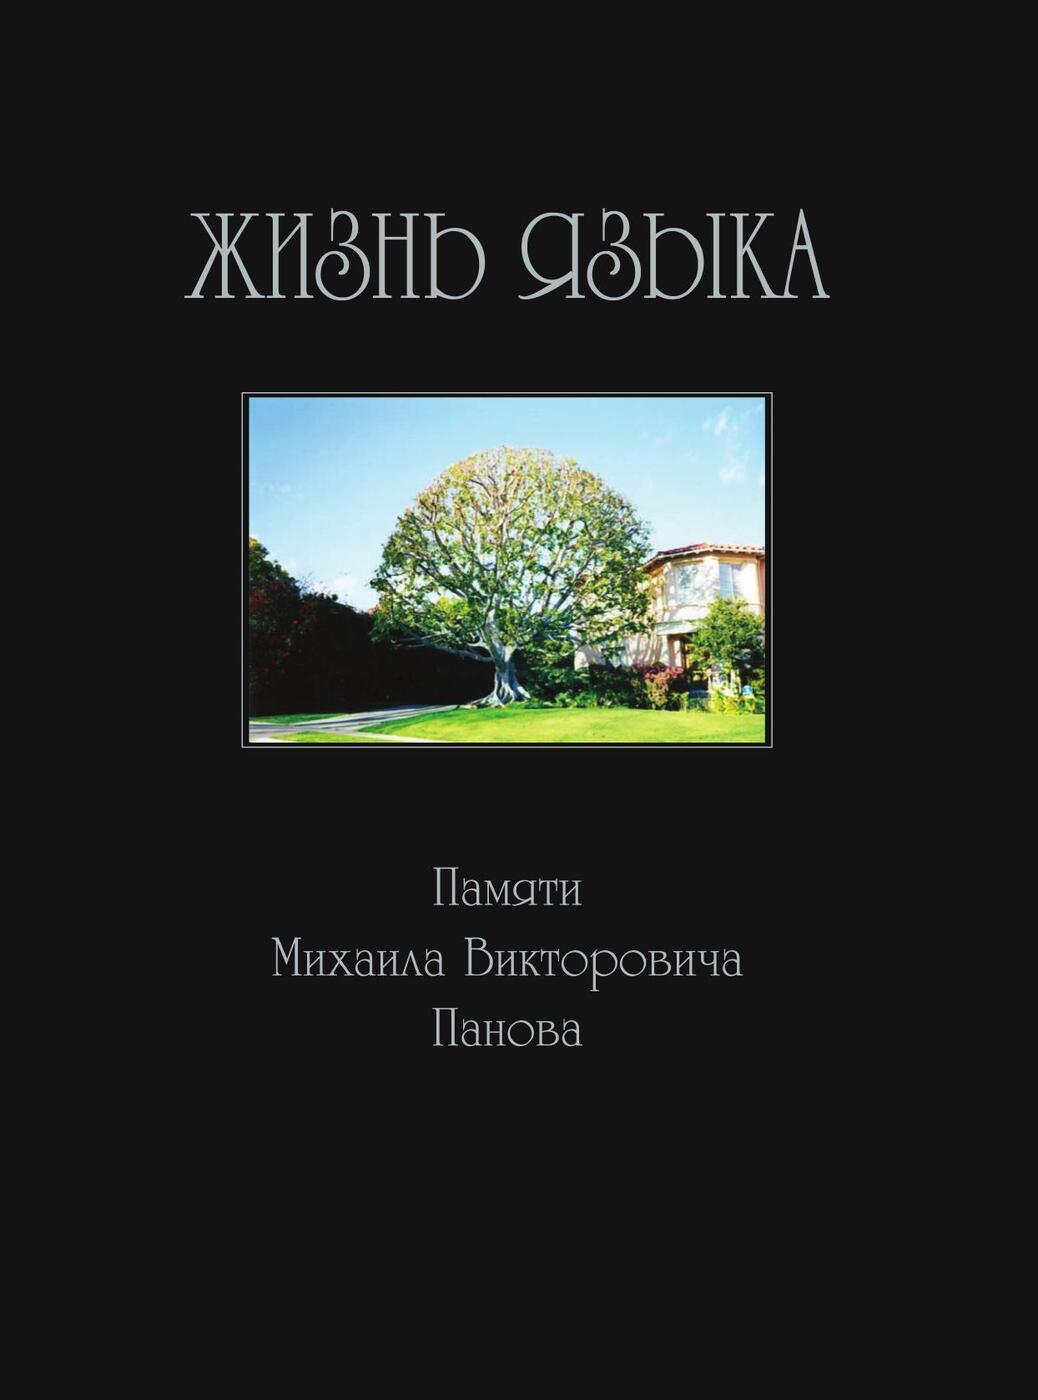 Каленчук, Земская Жизнь языка. Памяти Михаила Викторовича Панова